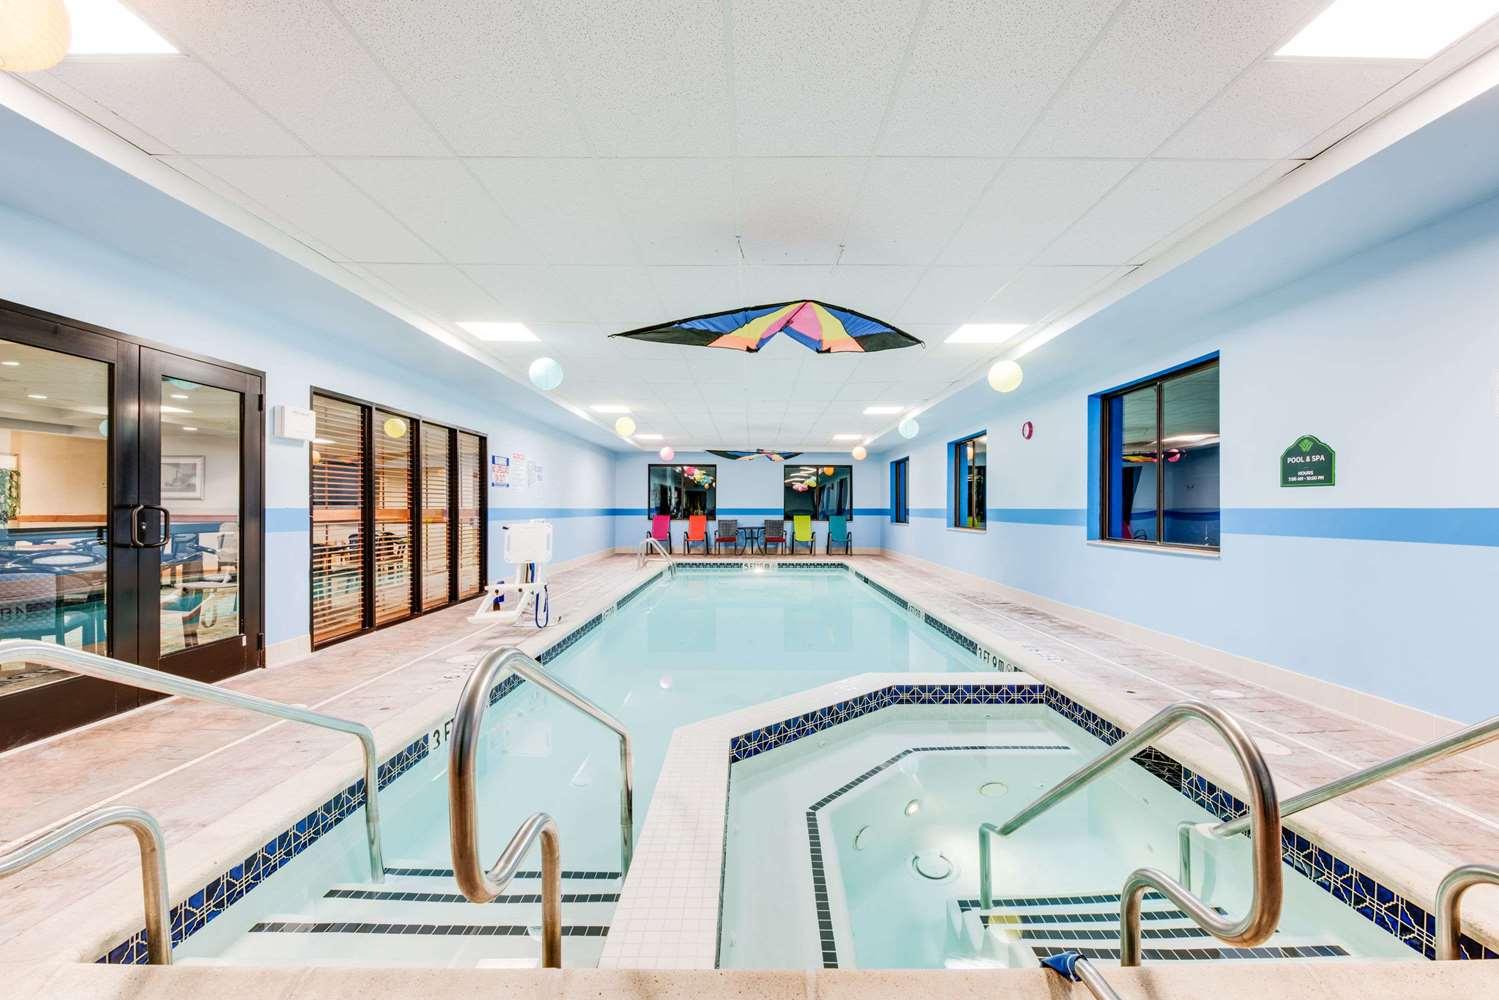 Pool - Wingate by Wyndham Hotel York